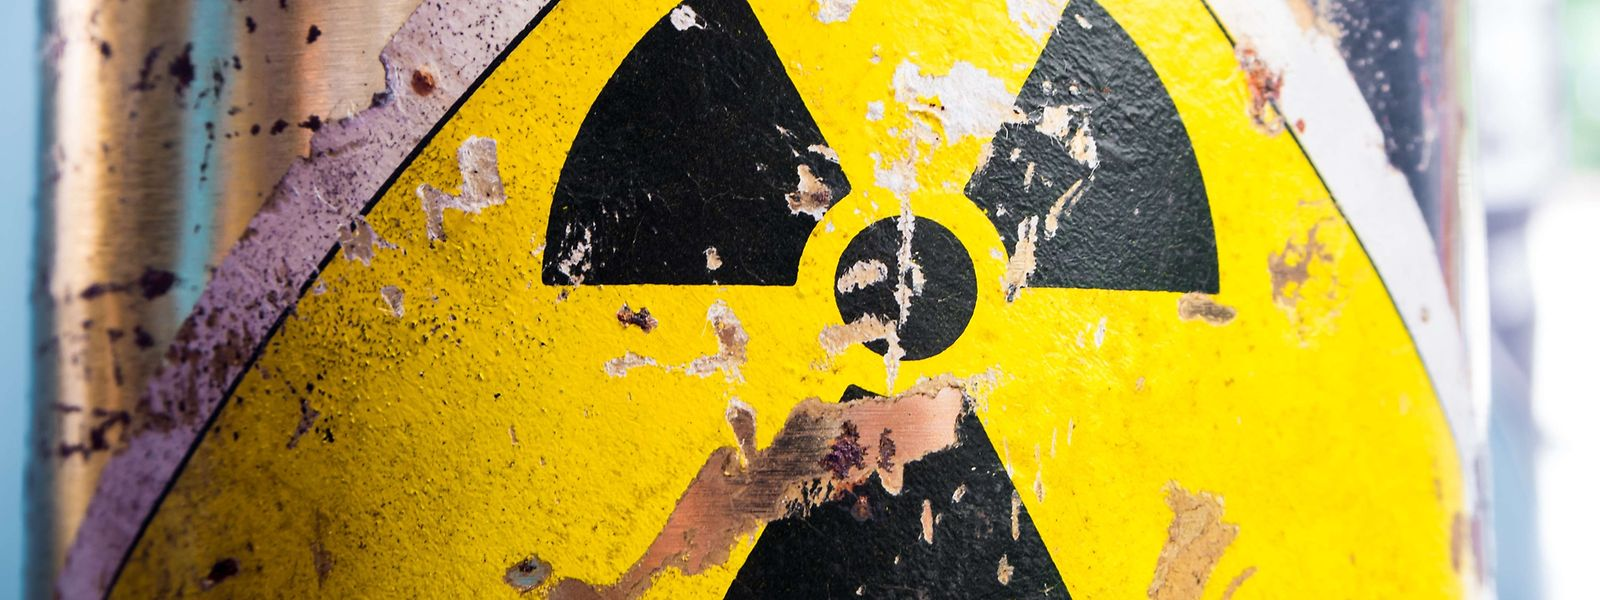 La consultation populaire en ligne concernant les déchets nucléaires prend fin le 13 juin.